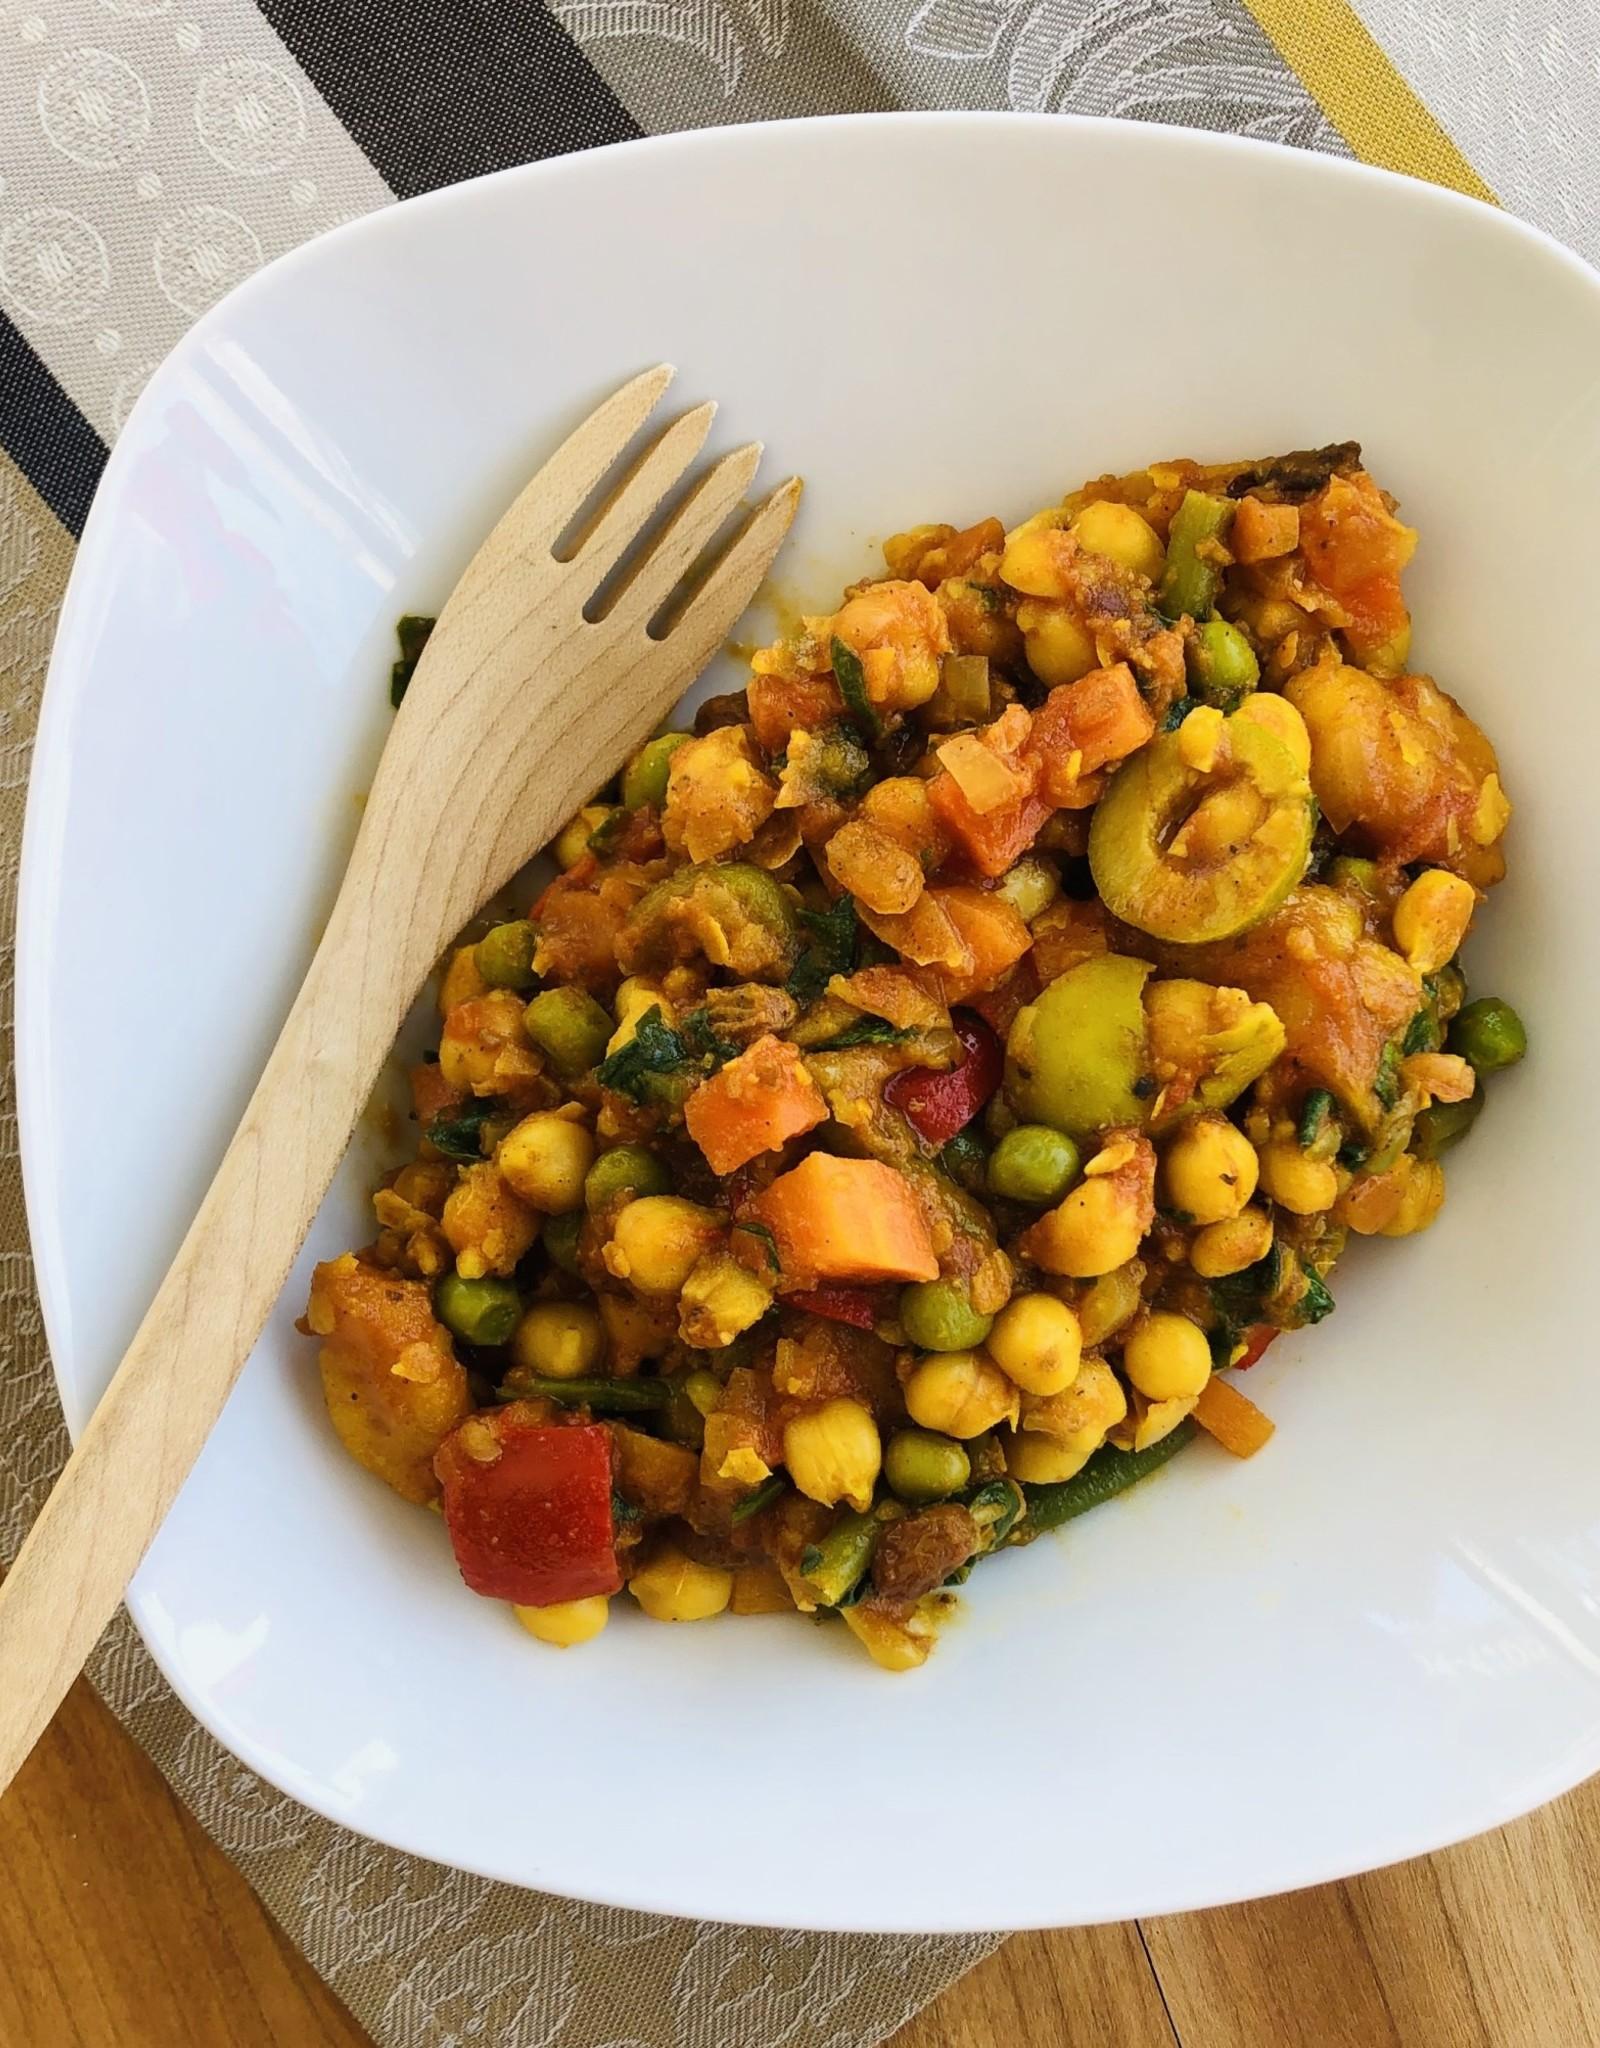 Ragoût aux légumes à la marocaine